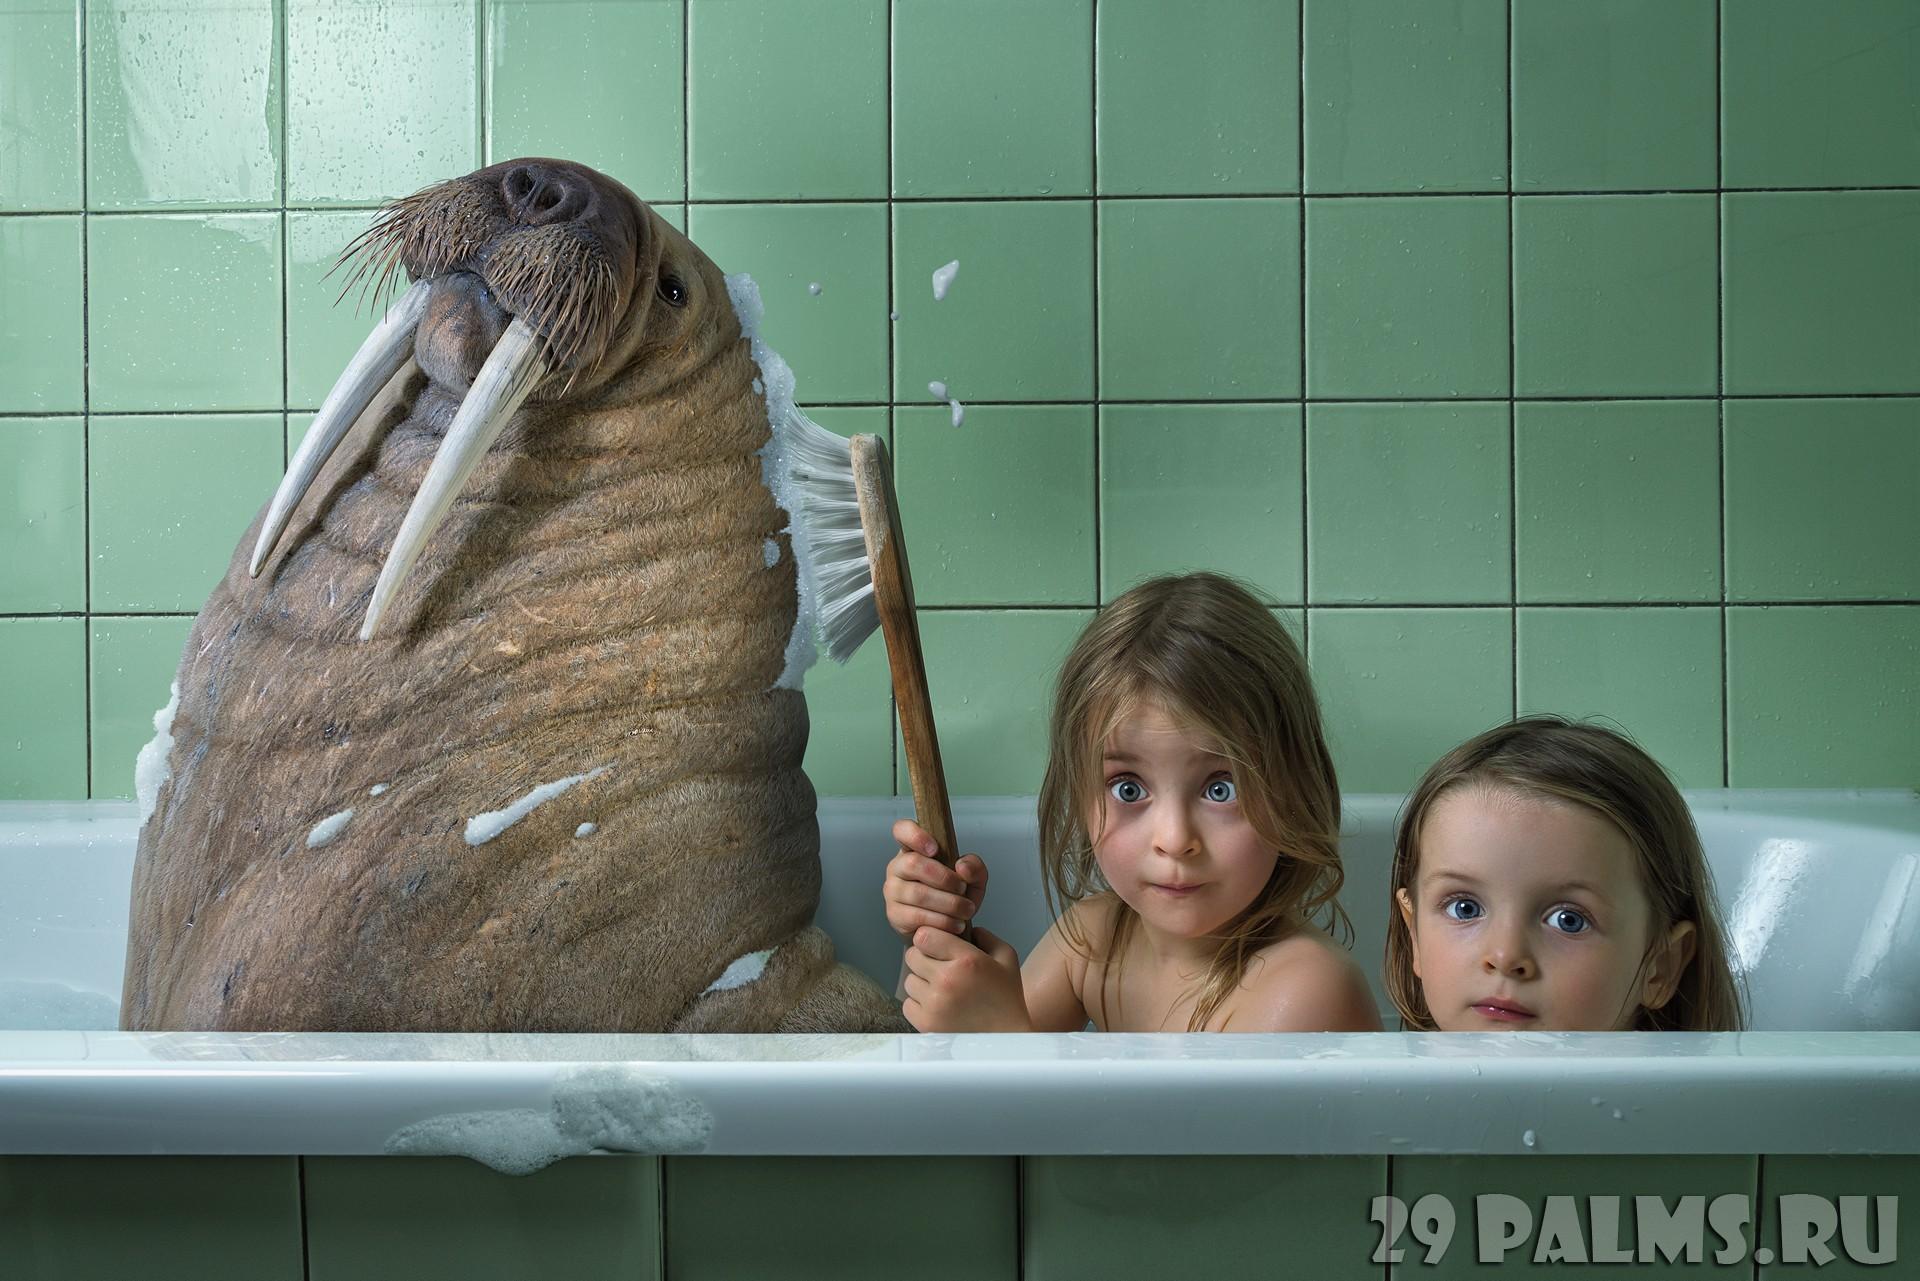 Хер моржовый фото 1 фотография